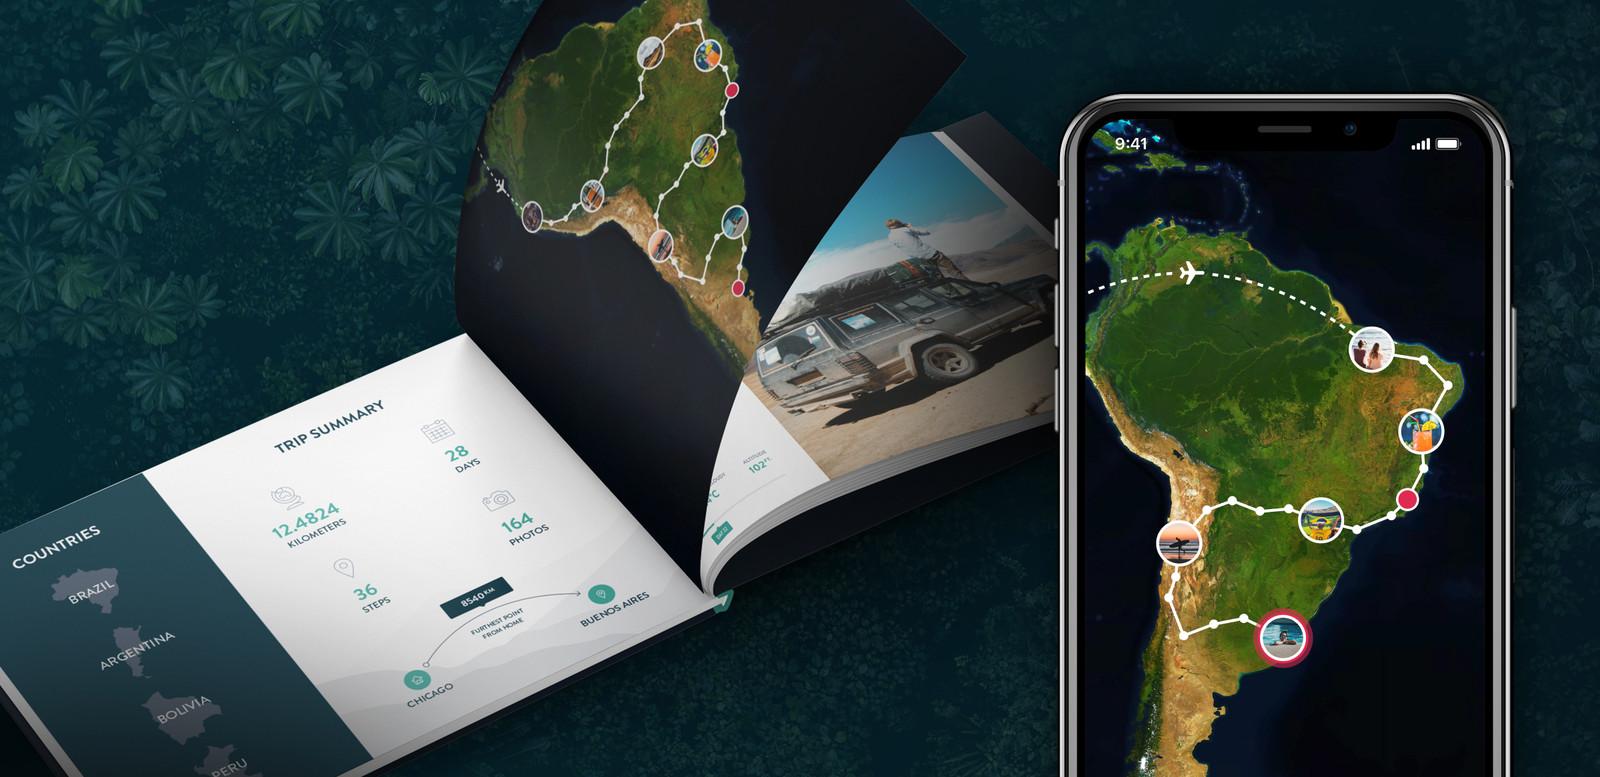 De Polarsteps Travel Books, het product waar Polarsteps het geld mee verdient